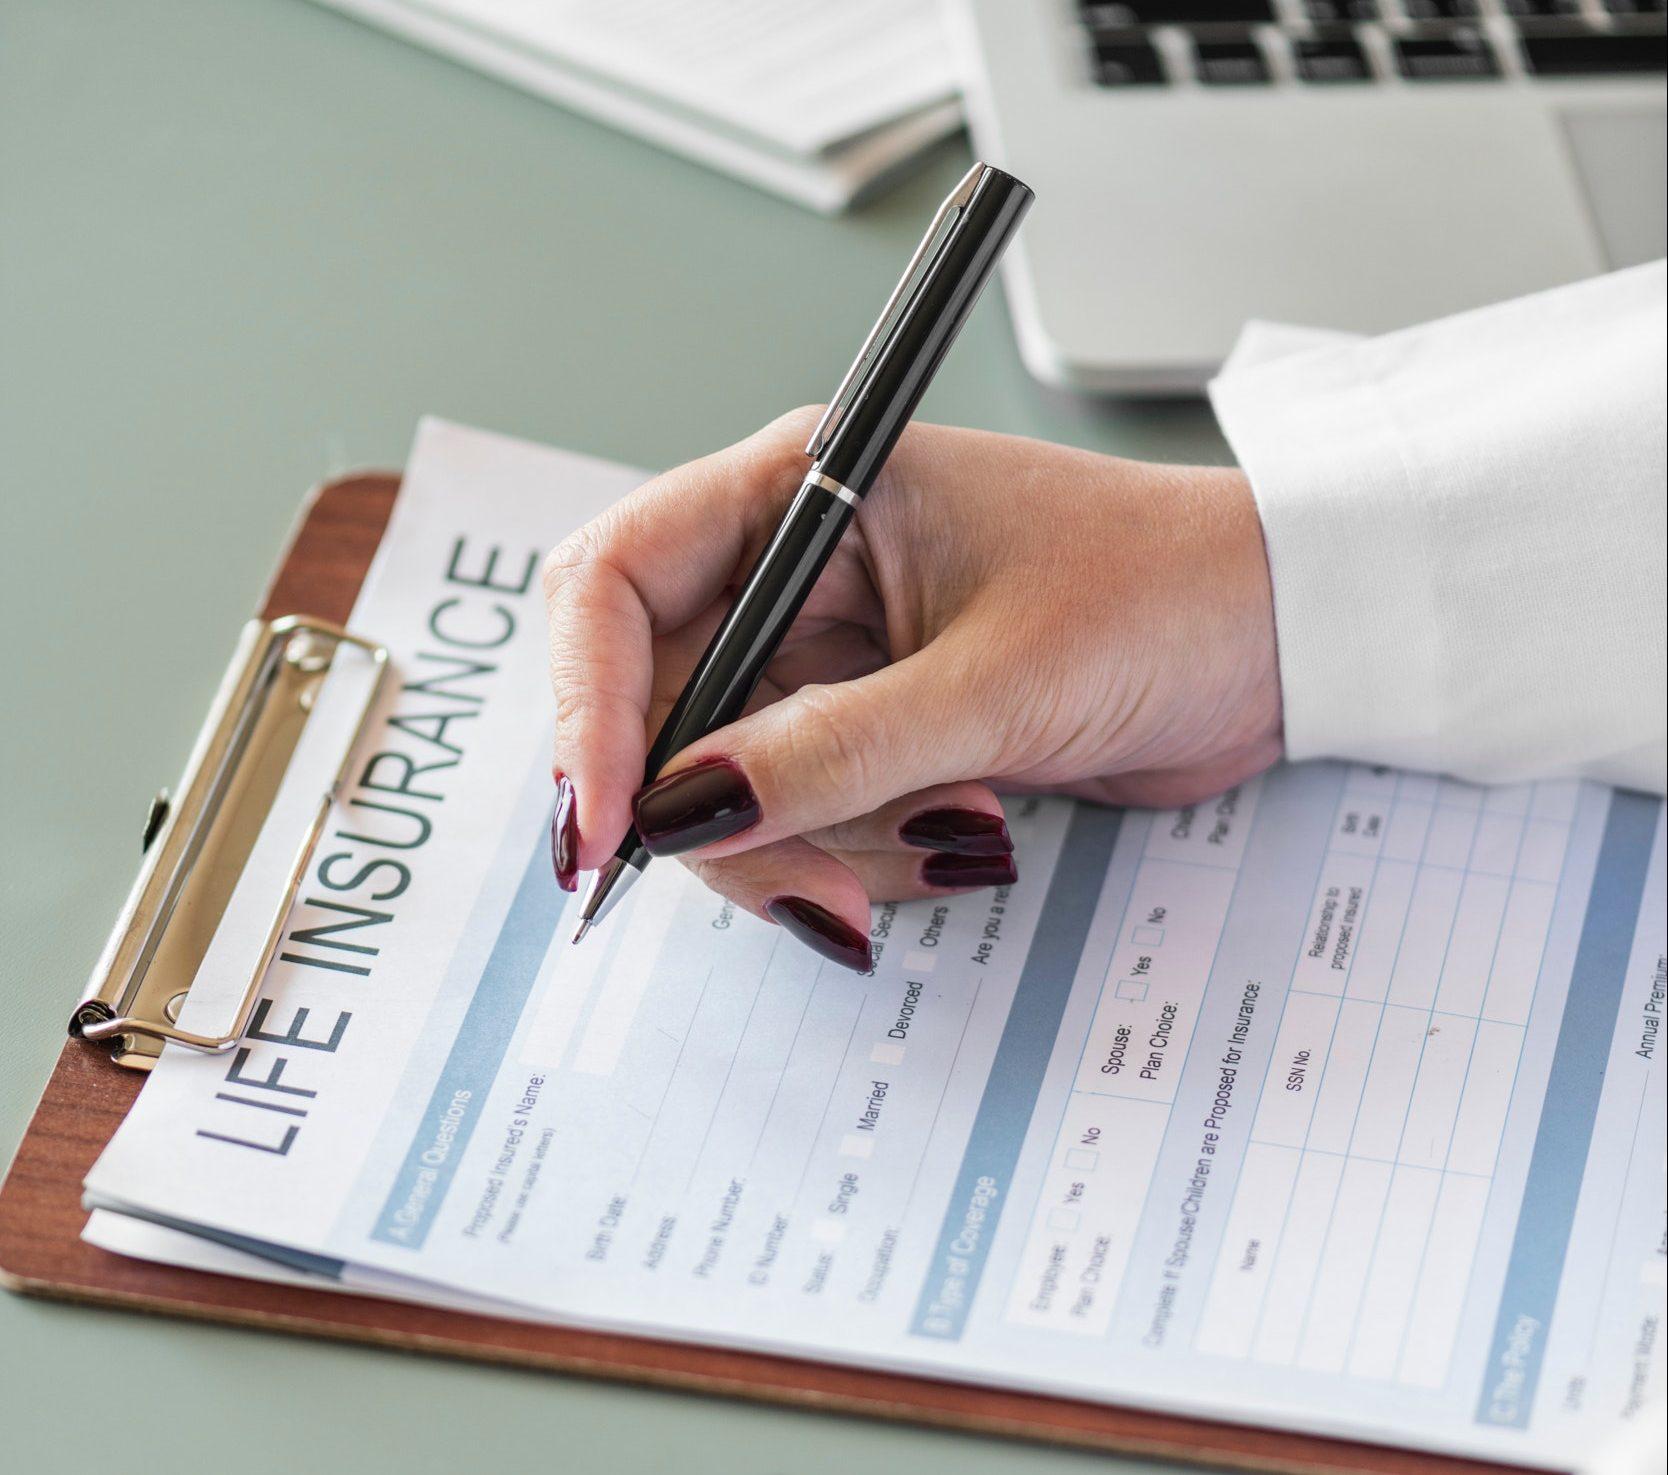 forsikring, livsforsikring, lige insurance, papirer